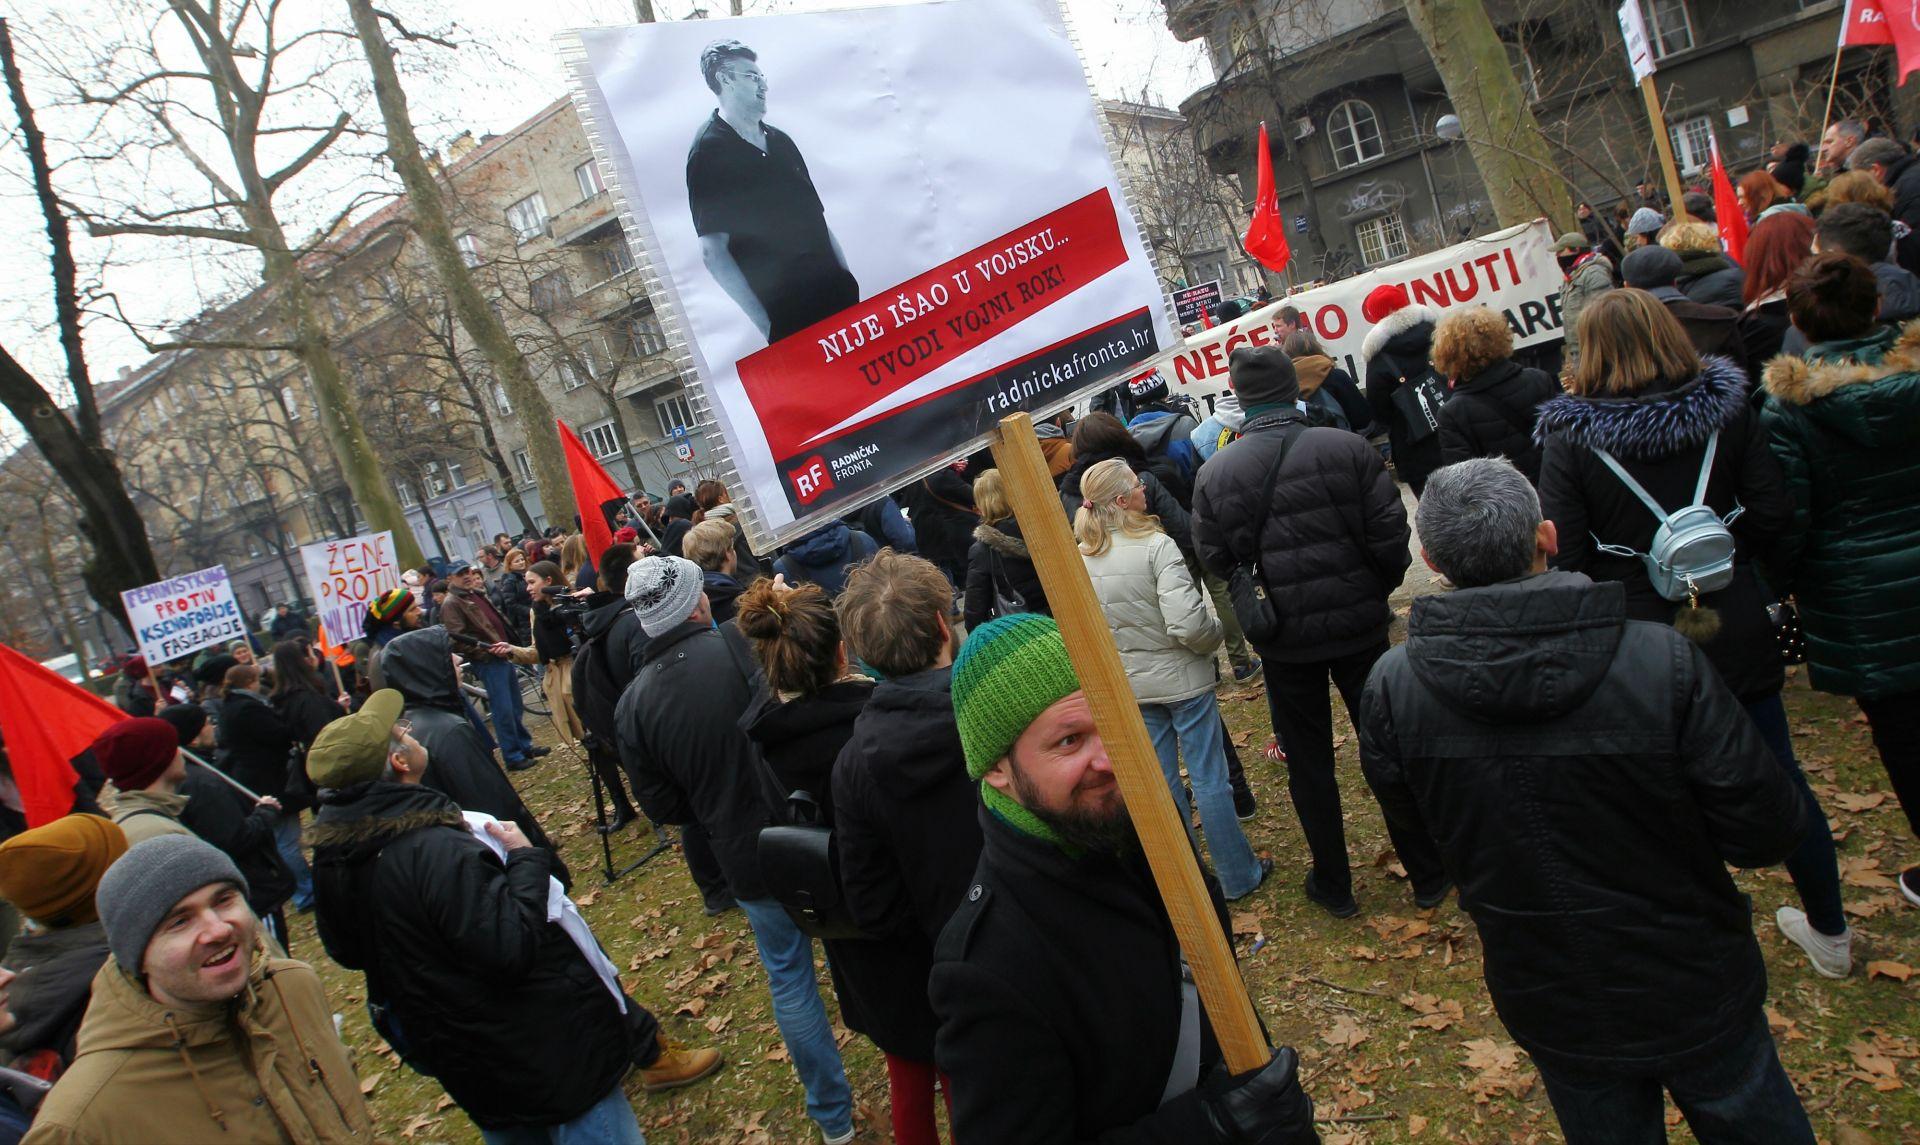 SLUŽENJE VOJNOG ROKA: Prosvjedi 'za' i 'protiv' ispred MORH-a